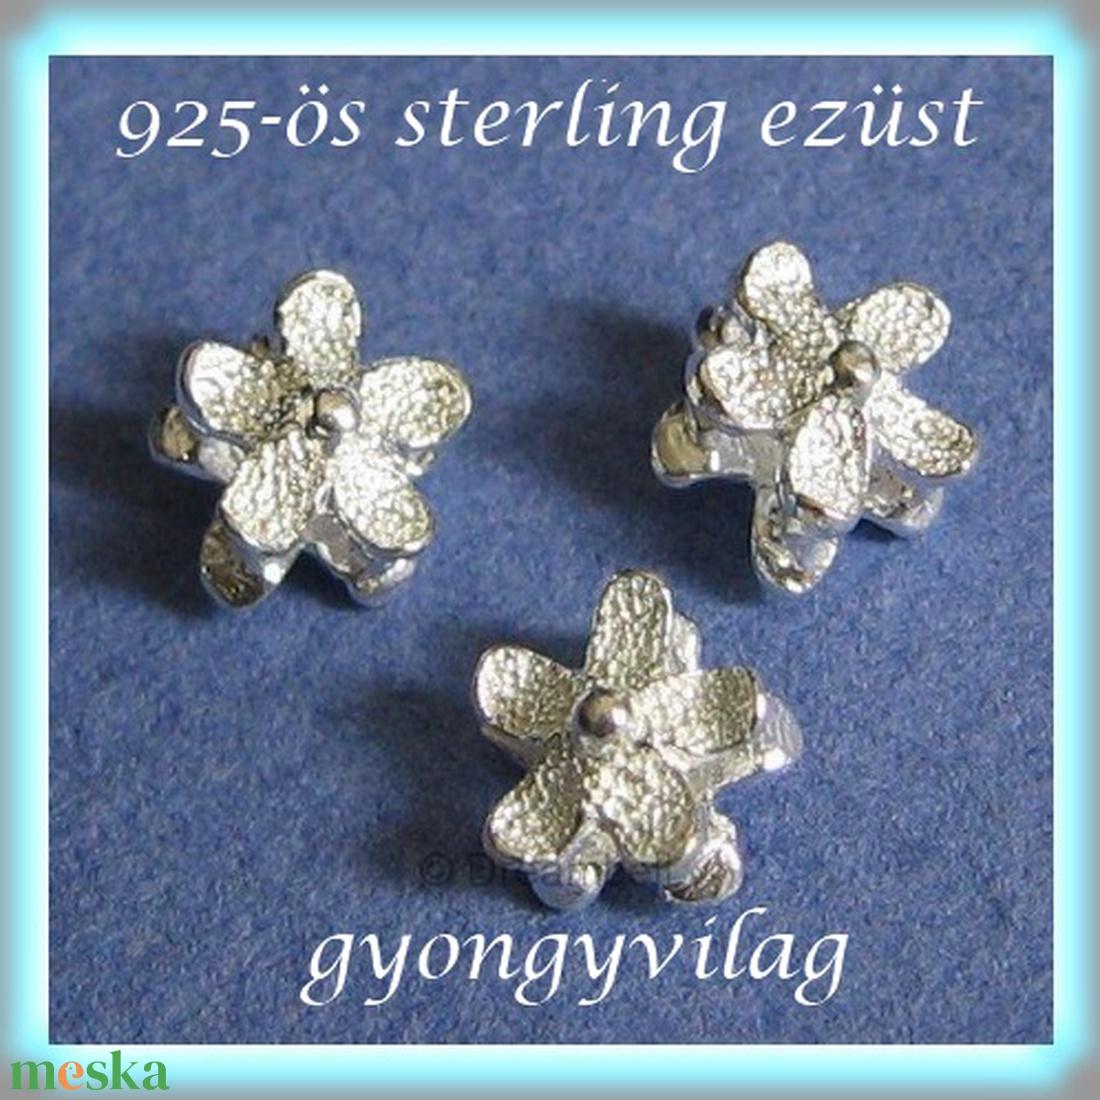 925-ös ezüst köztes / gyöngy / dísz EKÖ 72 - gyöngy, ékszerkellék - fém köztesek - Meska.hu